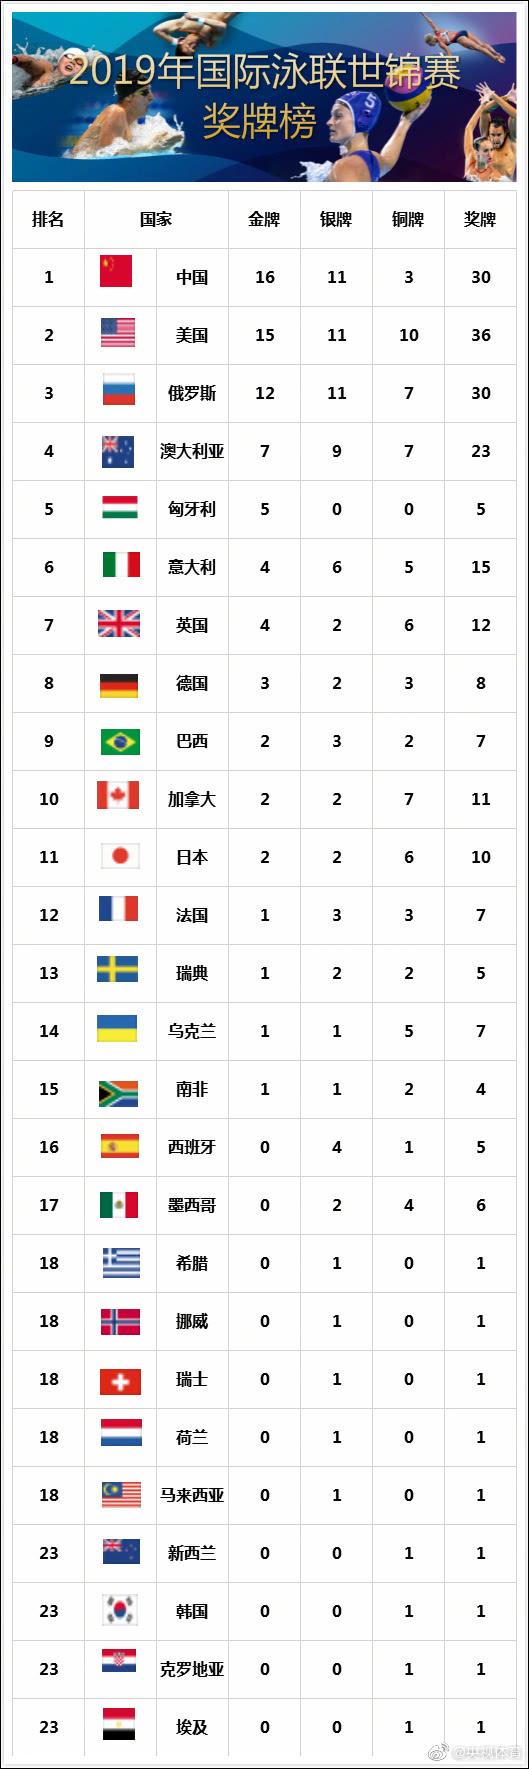 世锦赛中国金牌榜 中国队16金11银3铜�位列奖牌榜榜首